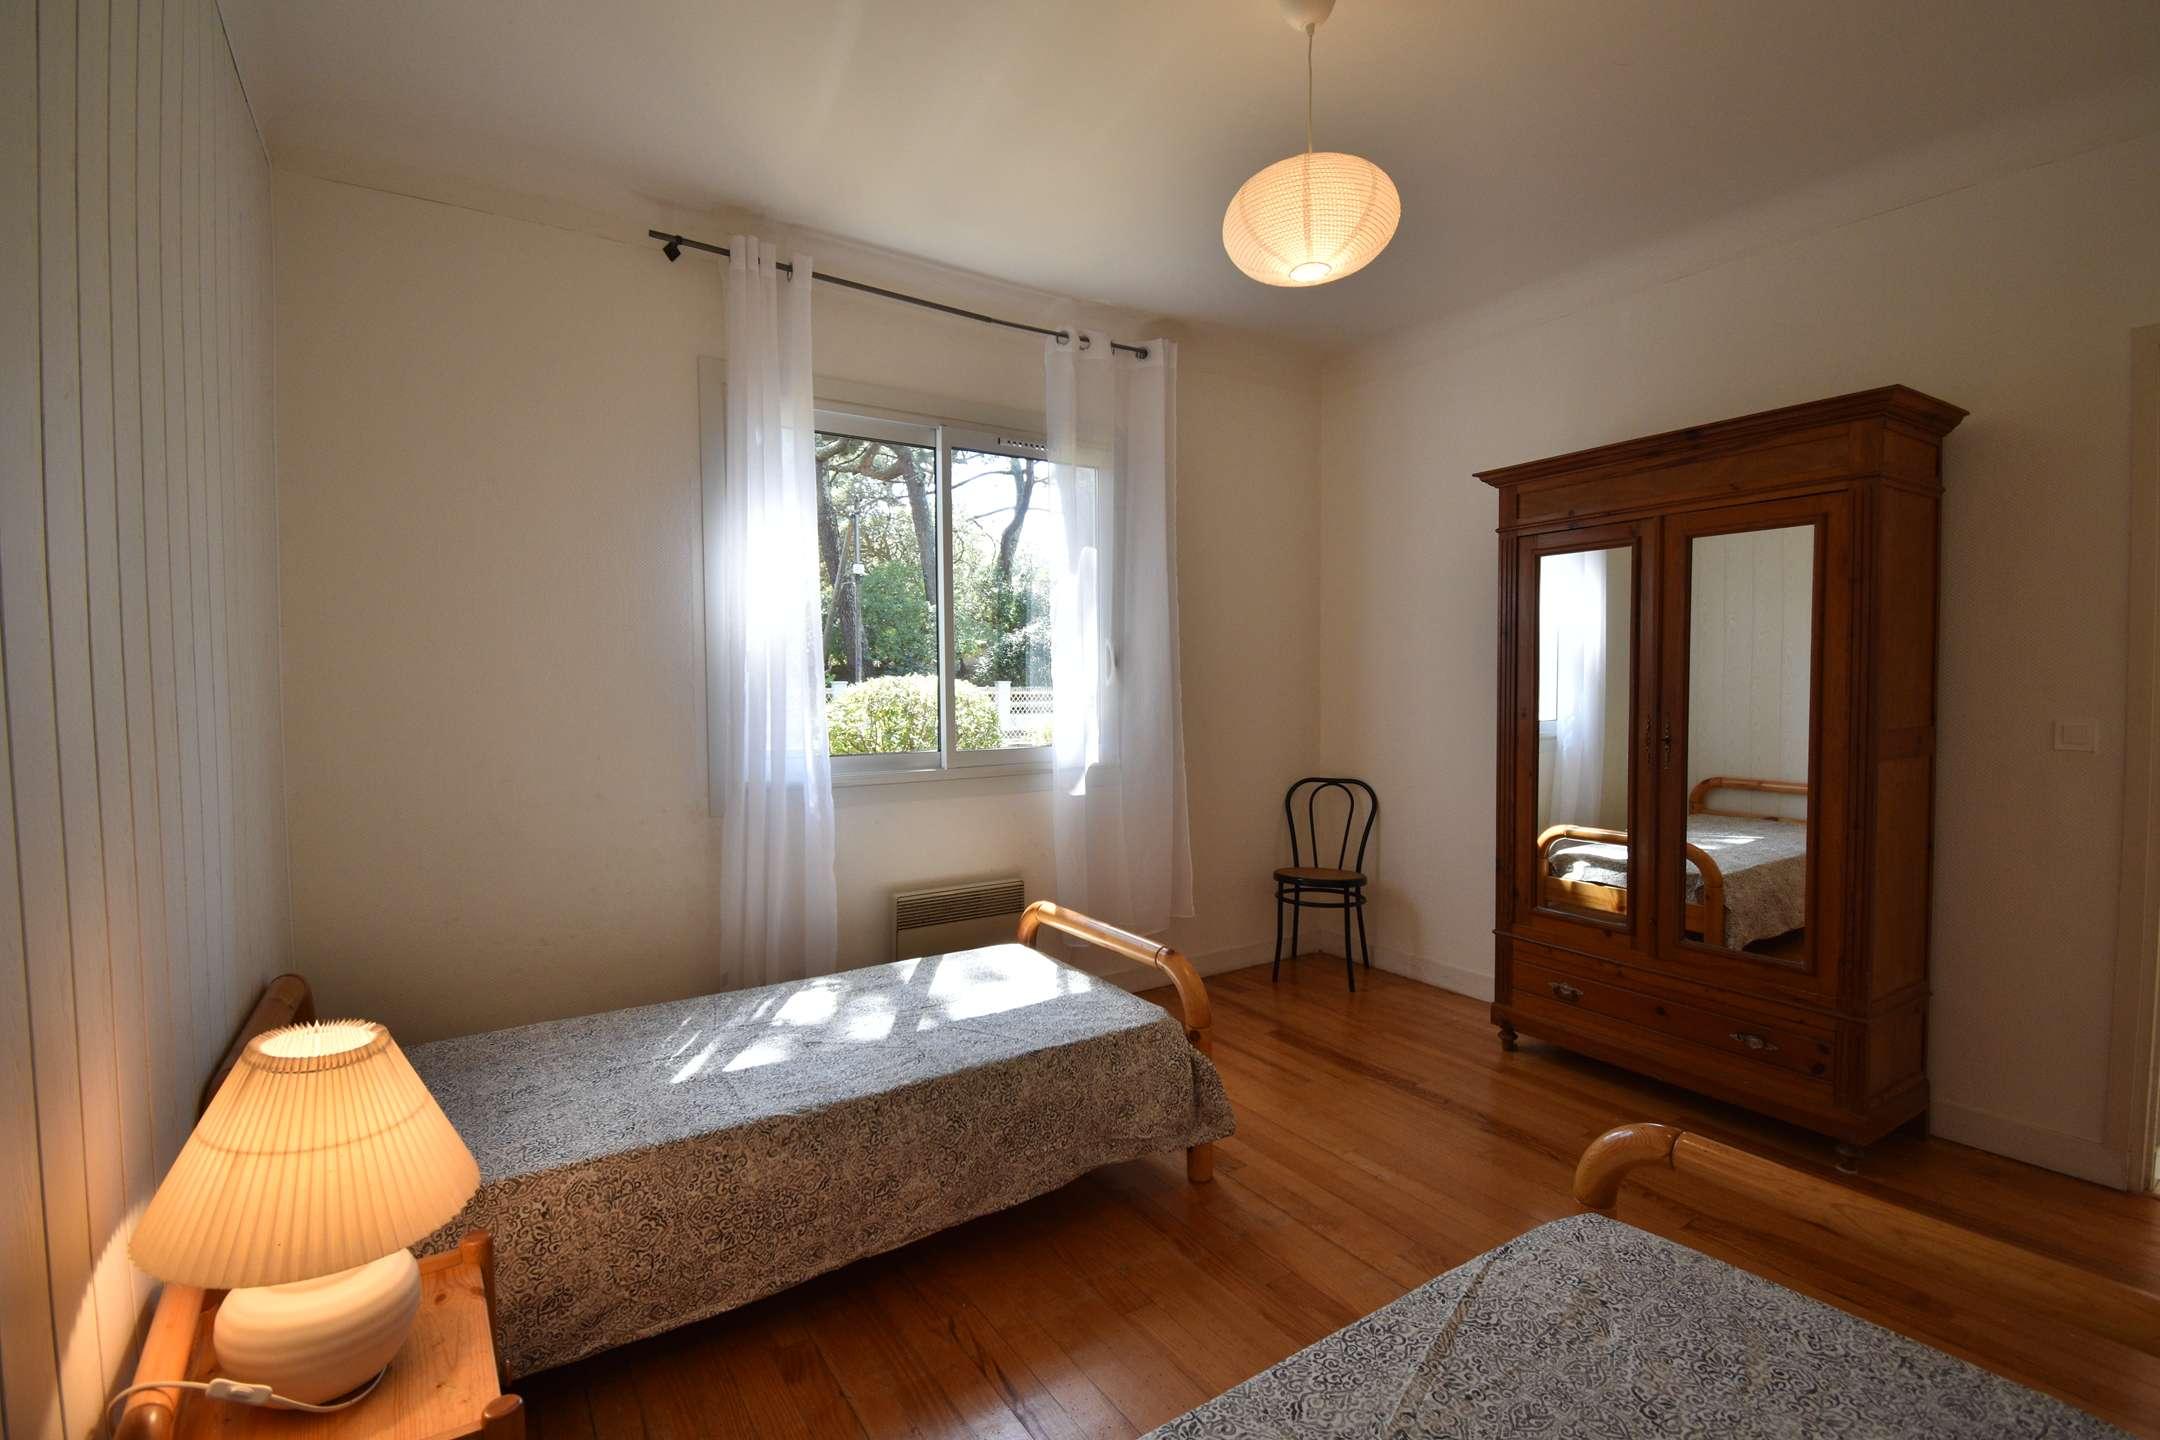 Holiday rental villa ref:0143